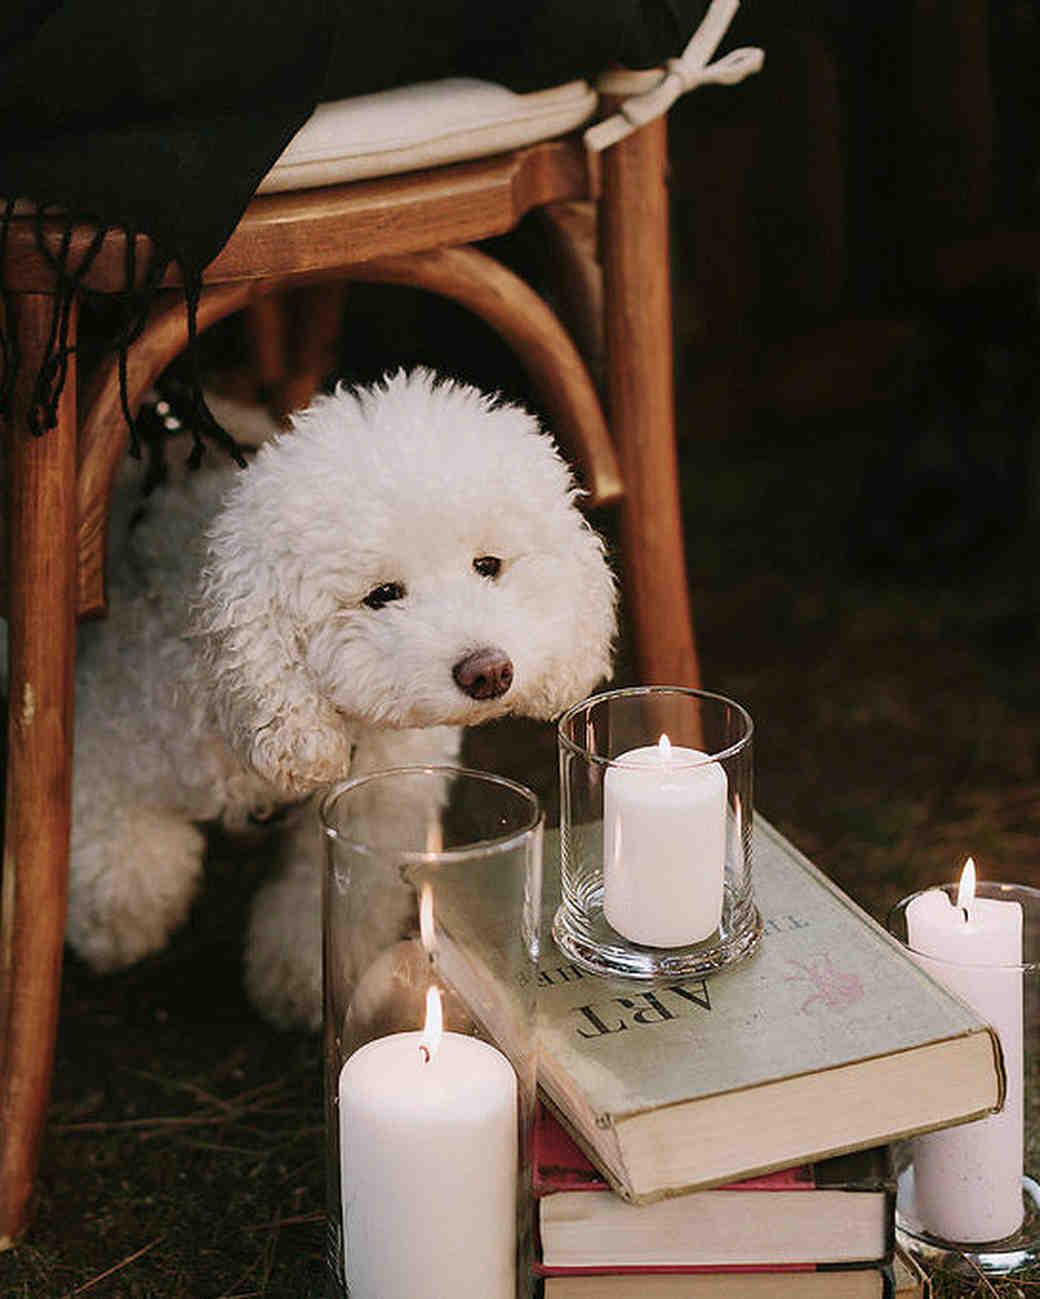 Вместо маленькой девочки с цветами по проходу прошла собака пары — Милли.